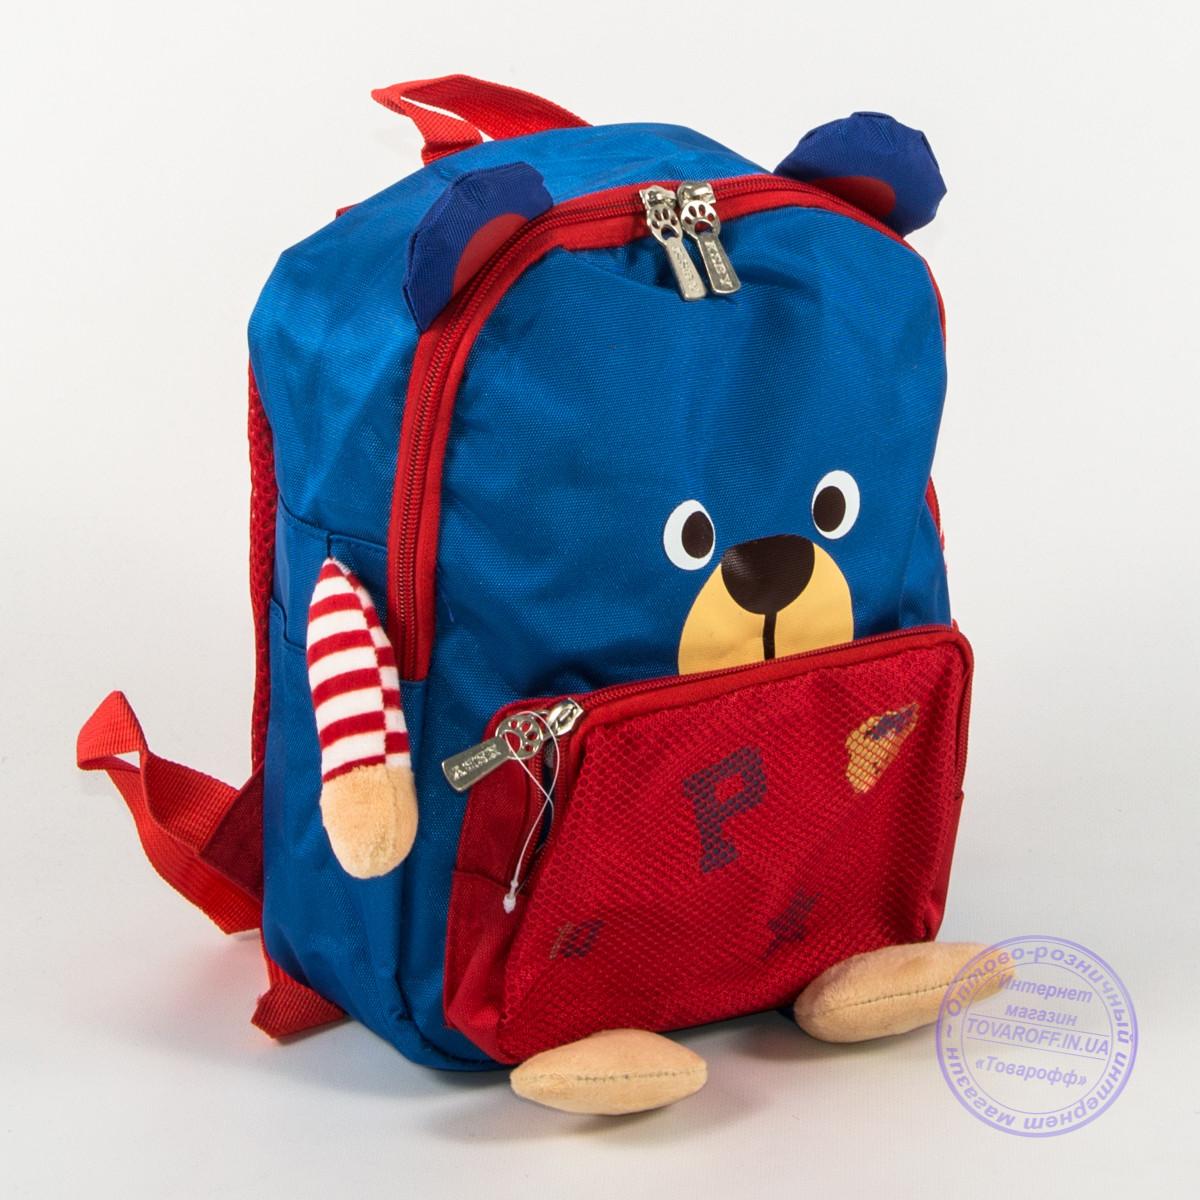 Детский рюкзак для девочки и мальчика - синий - 137